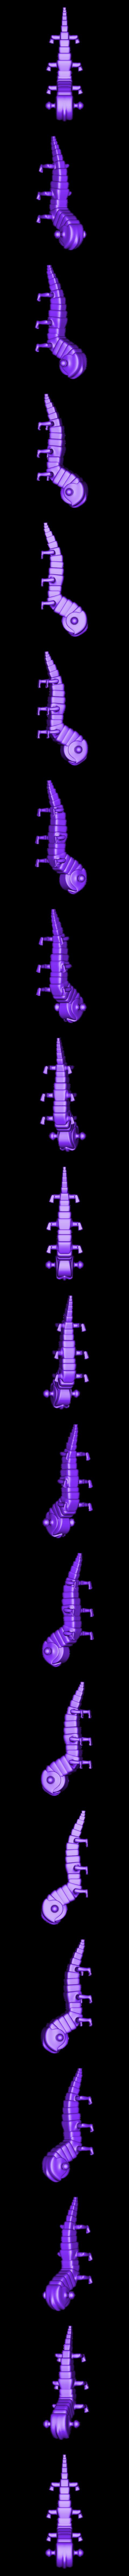 verme_escher.STL Download free STL file Escher Worm • 3D print object, sergioinglese